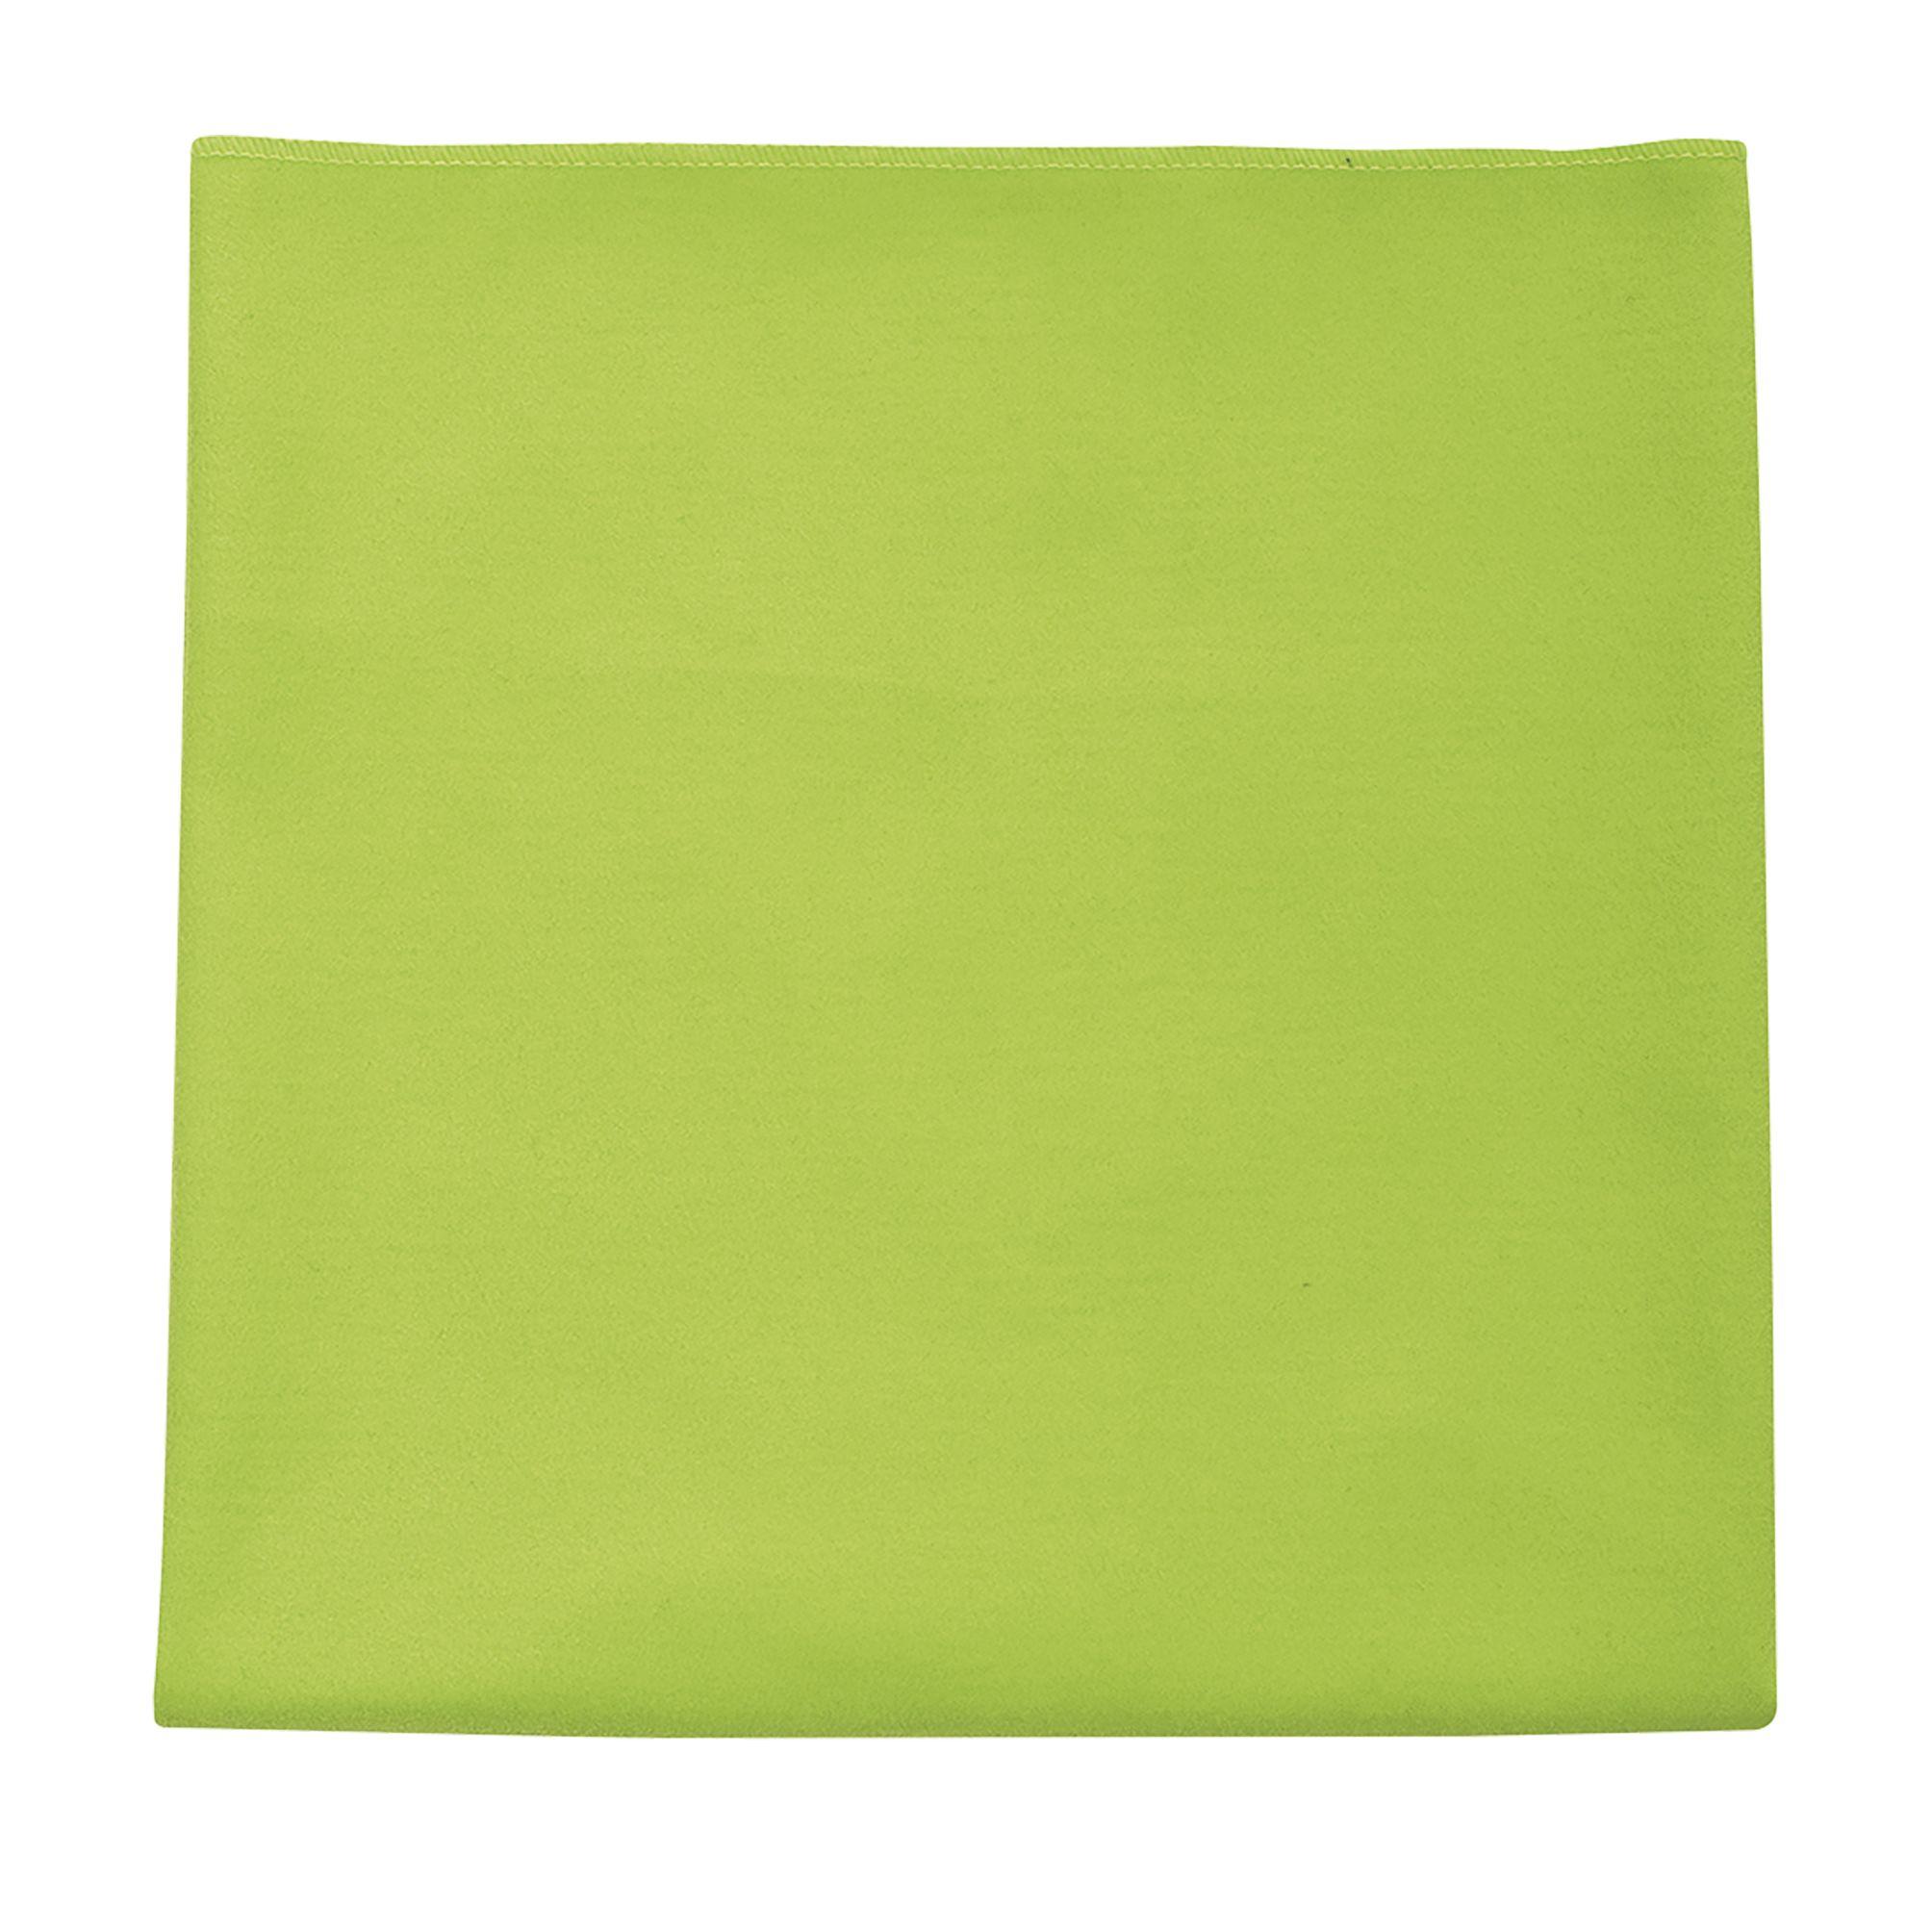 280 - Verde manzana